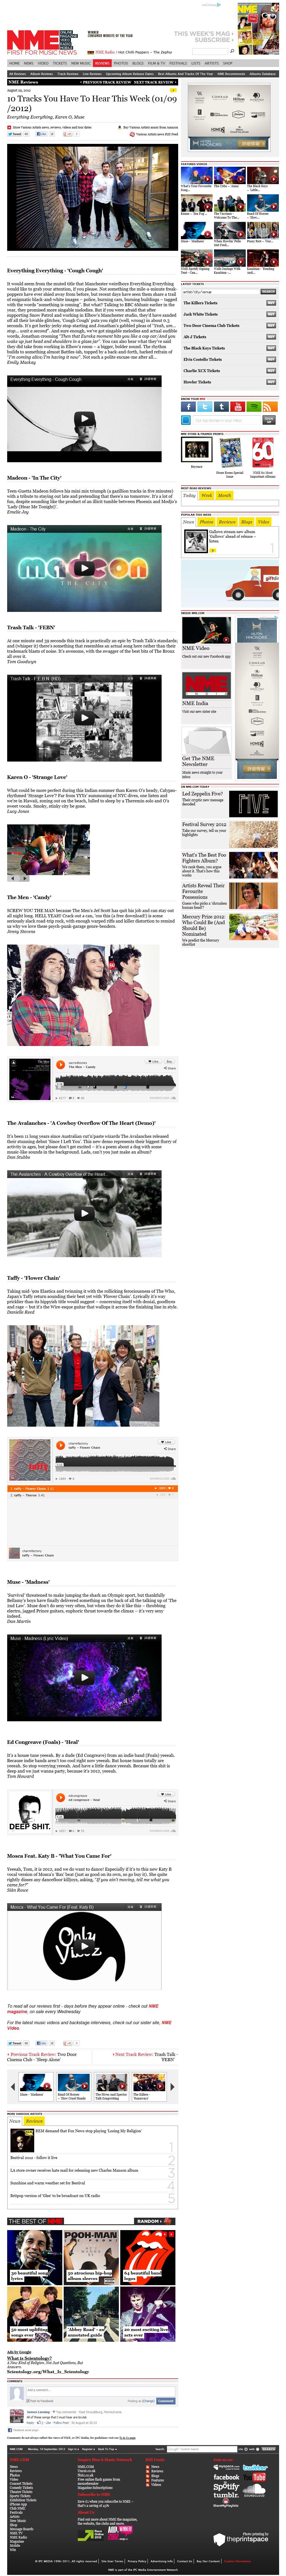 20120910_NME_detail.jpg